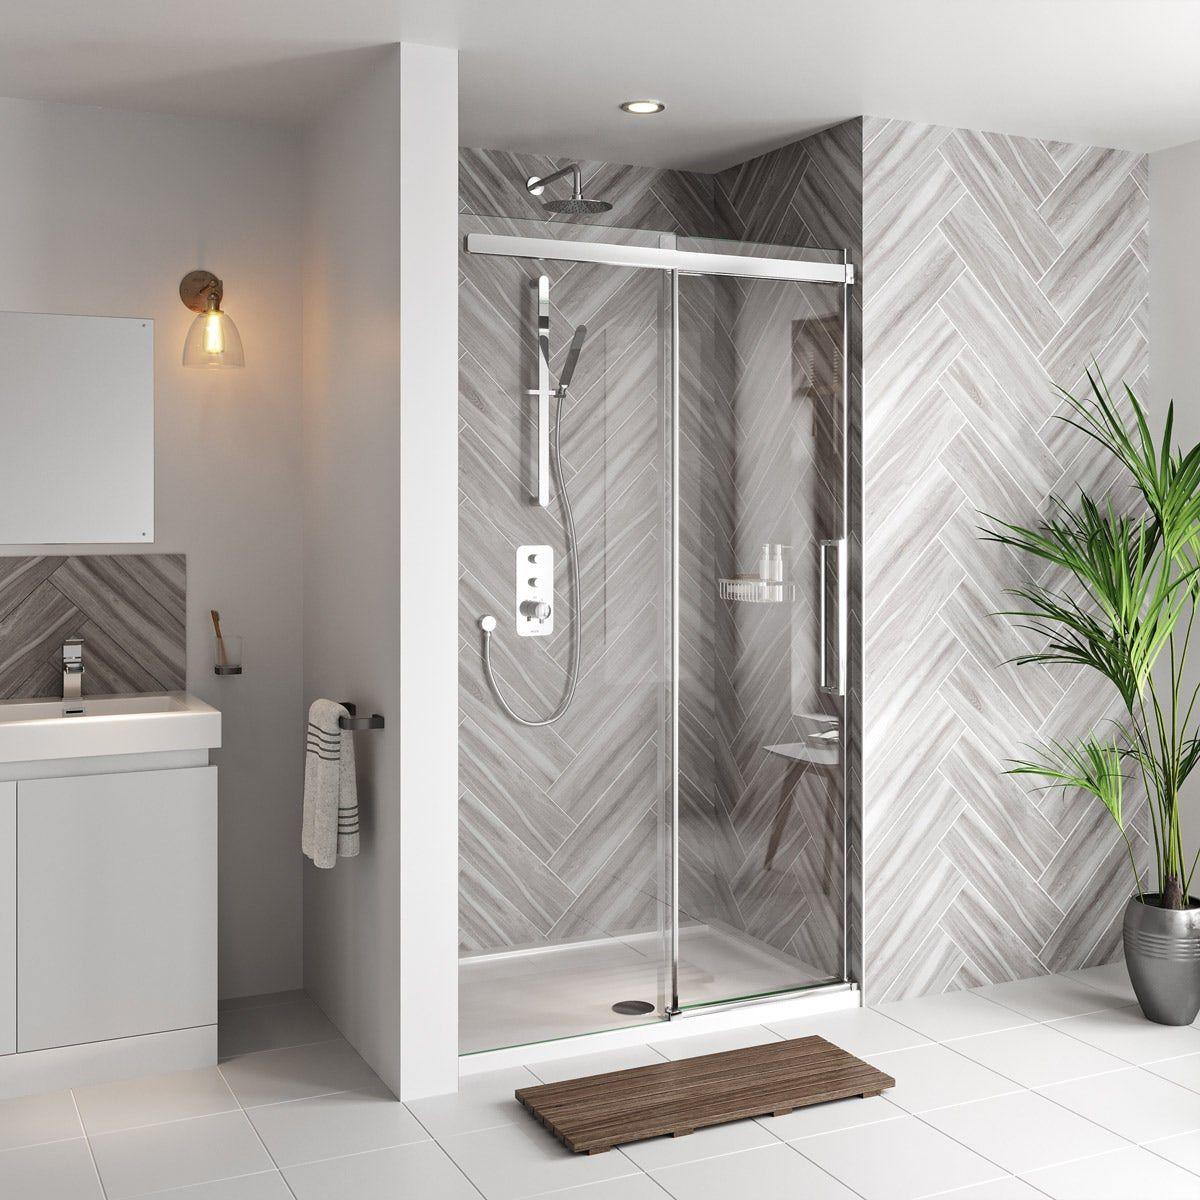 Mode Foster Stainless Steel Sliding Shower Door 1200mm In 2020 Shower Doors Shower Sliding Glass Door Frameless Sliding Shower Doors